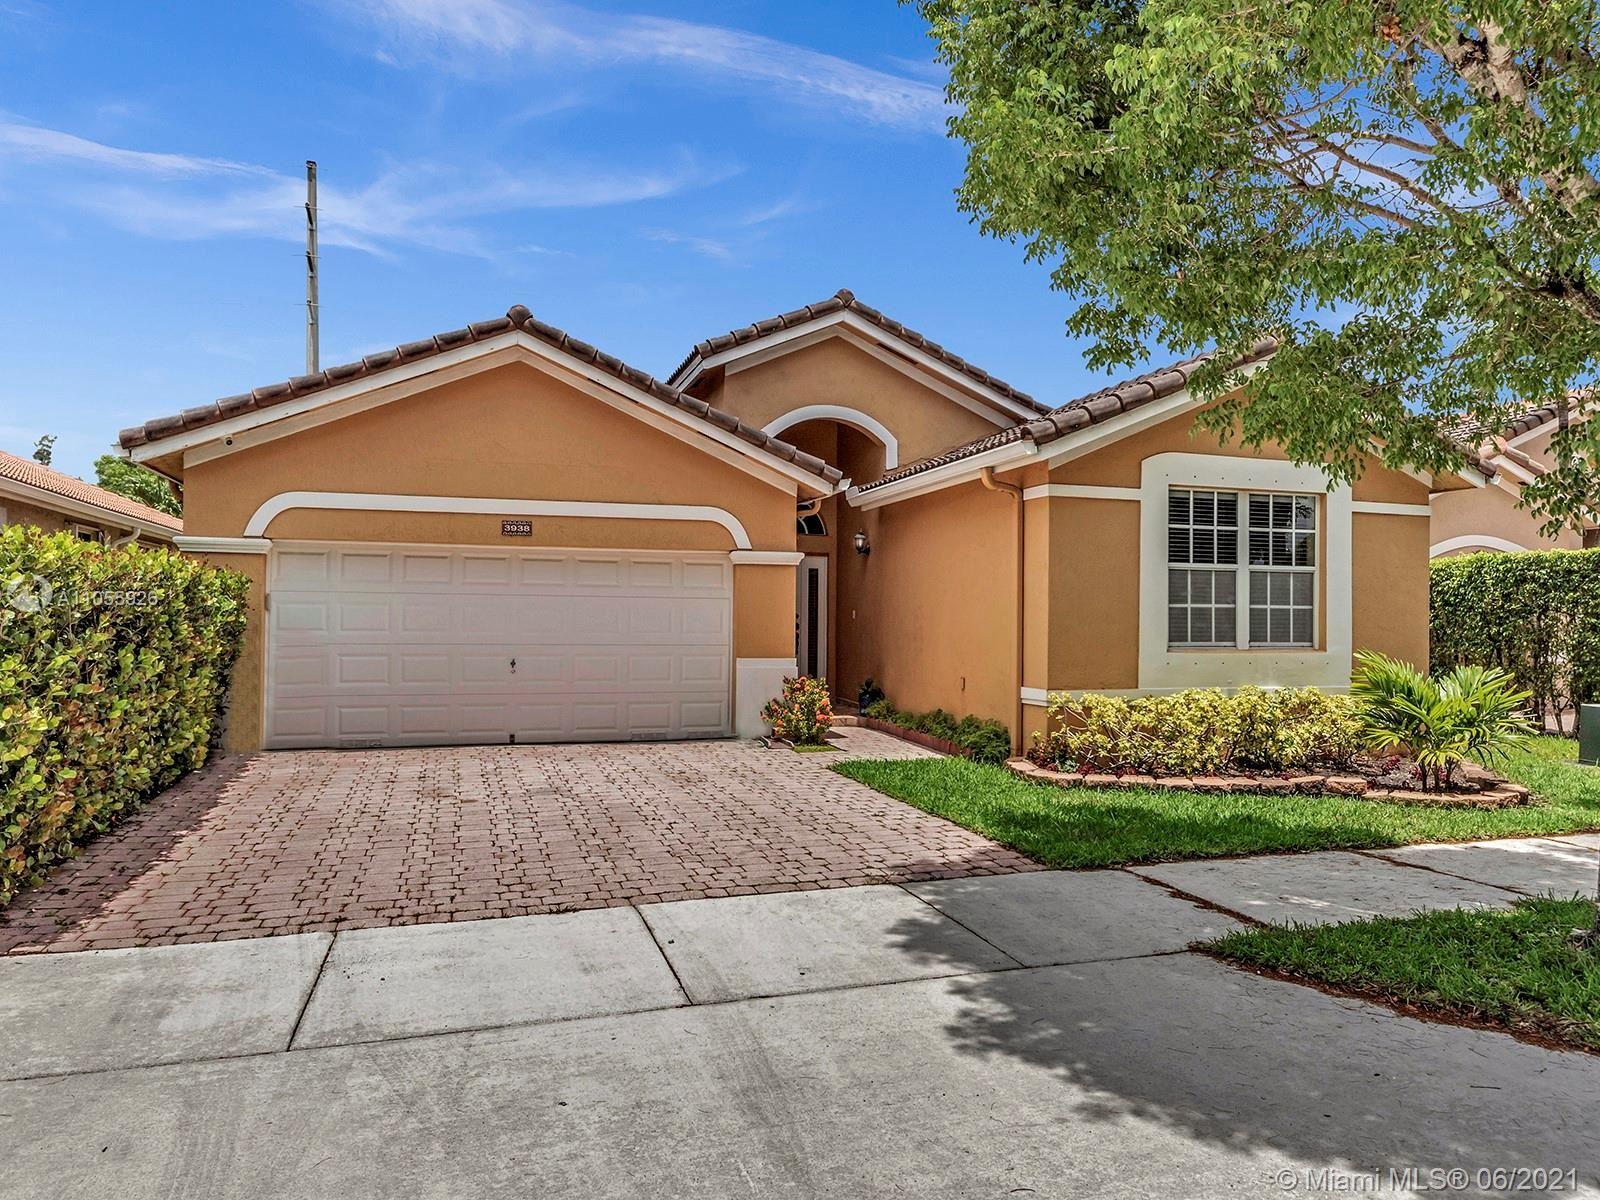 3938 SW 156th Ct, Miami, FL 33185 - #: A11055926